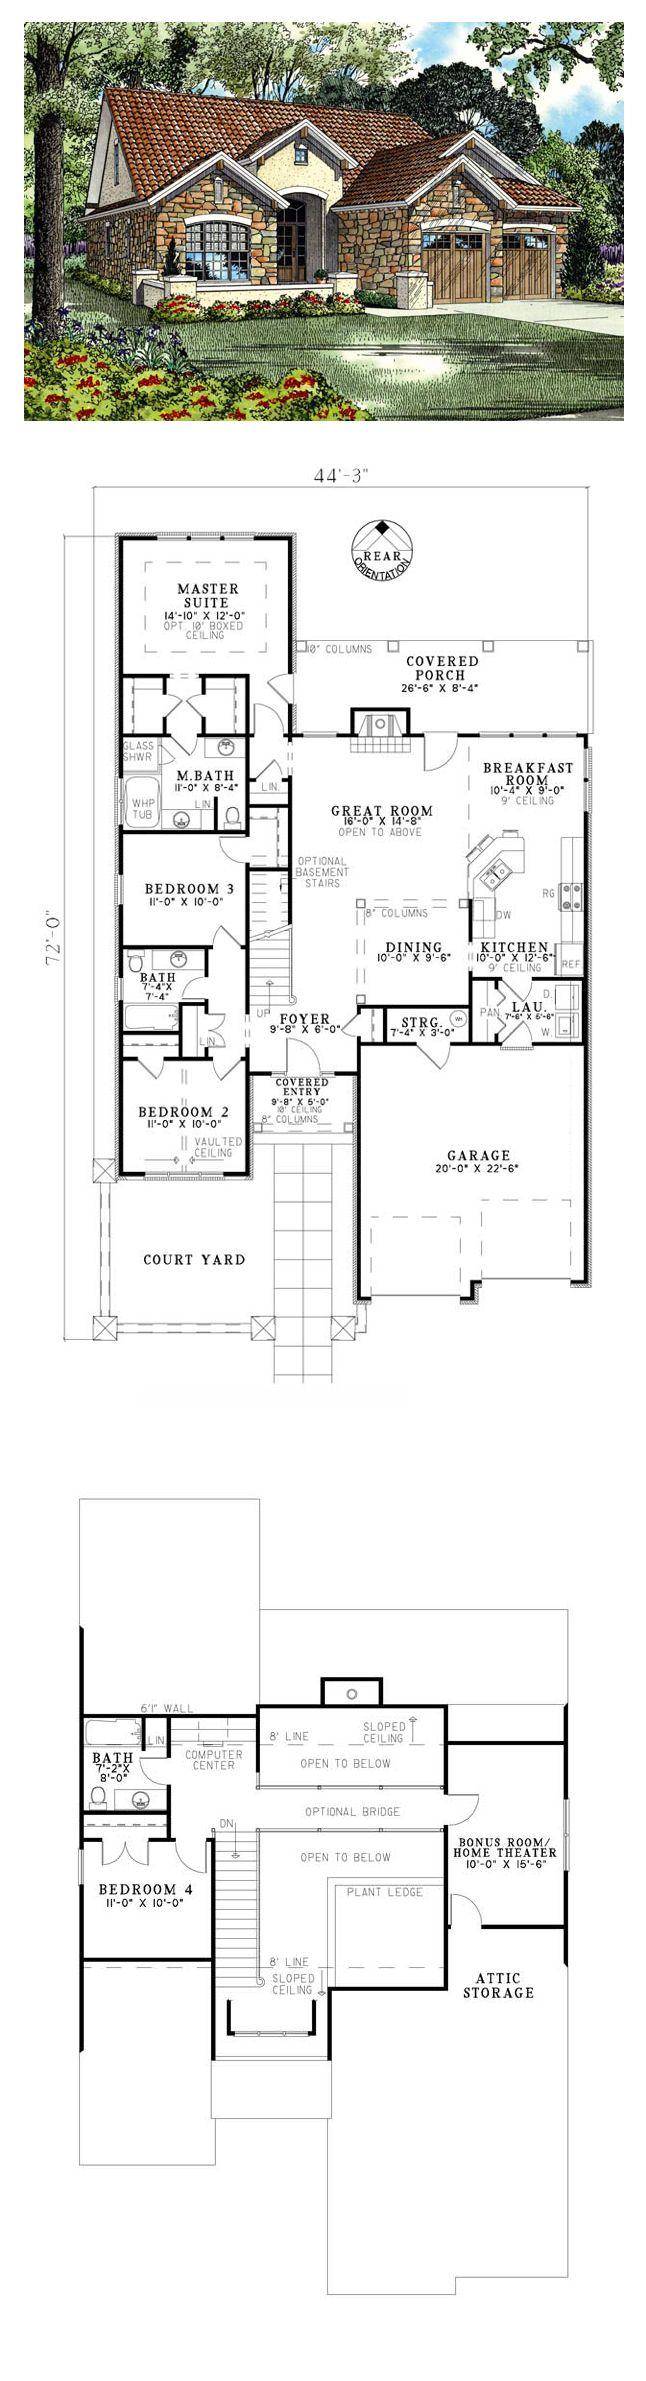 Best 25 italian houses ideas on pinterest italian for Italian villa blueprints